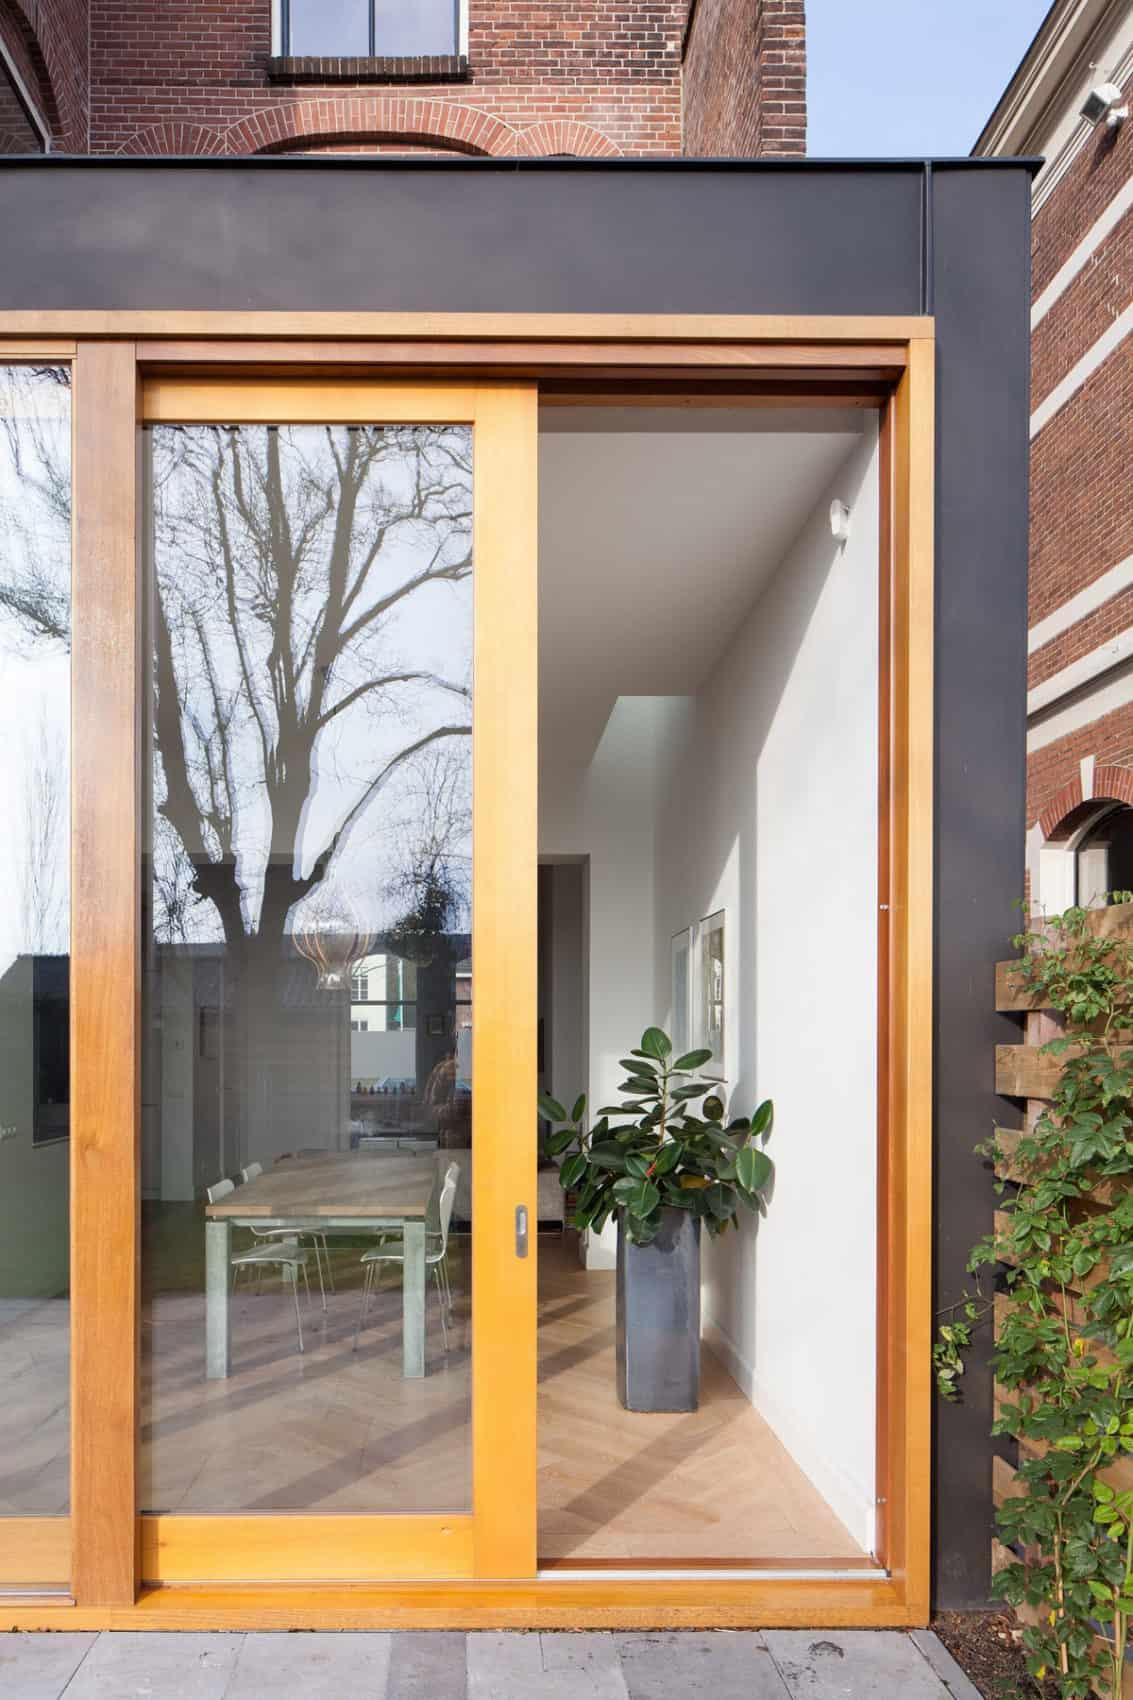 Extension Maliebaan Utrecht by Zecc Architecten (3)